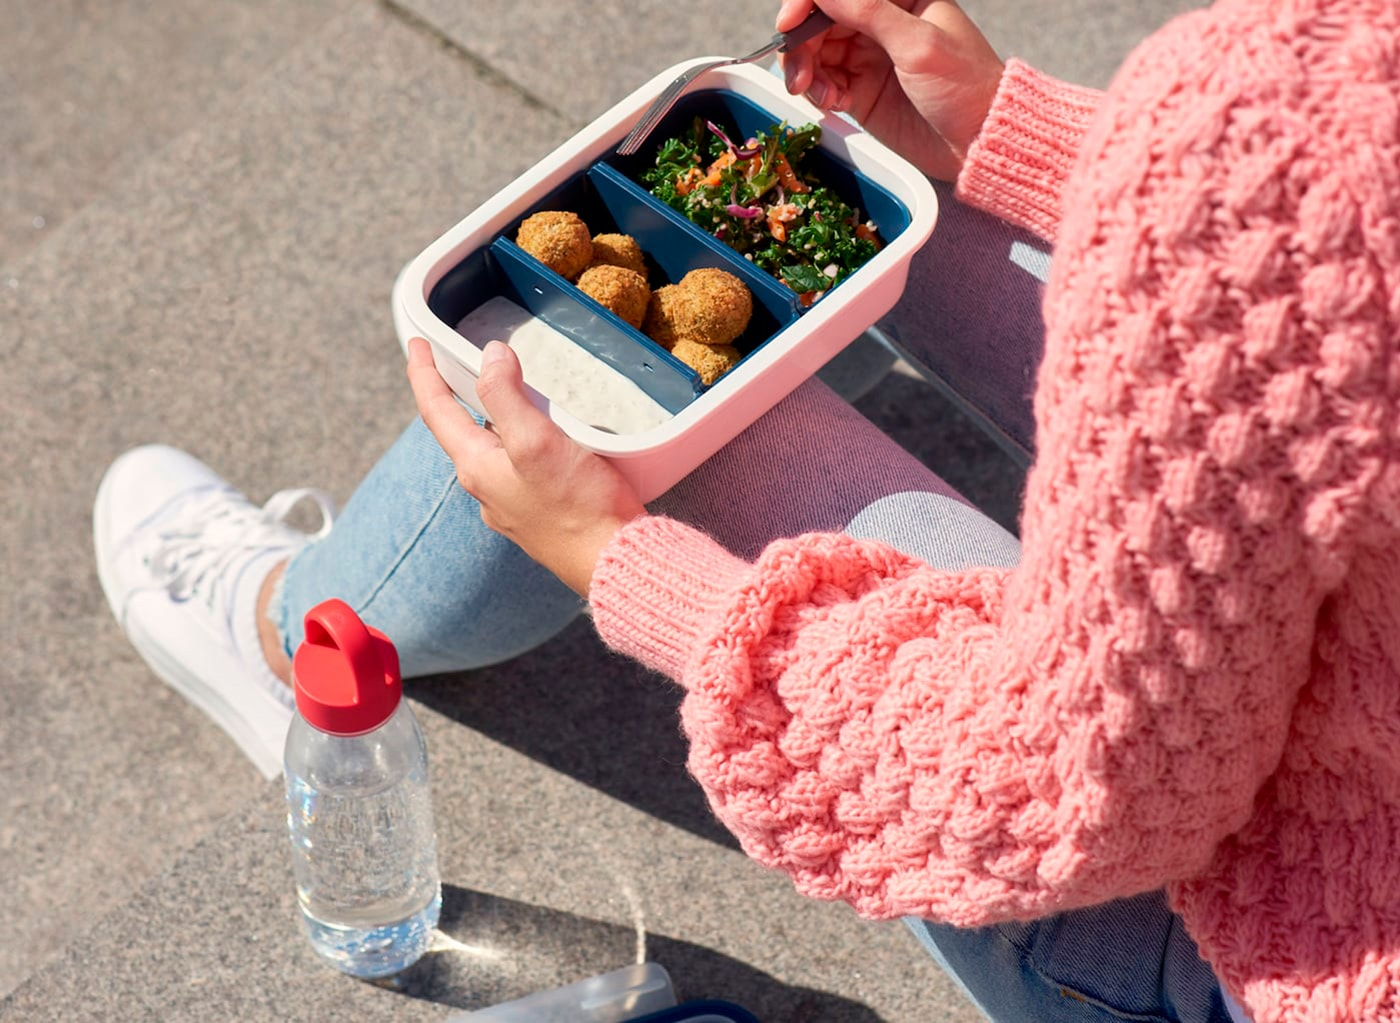 Žena jede iz IKEA plastične posude za hranu, a pored nje je providna plastična boca, napunjena vodom.